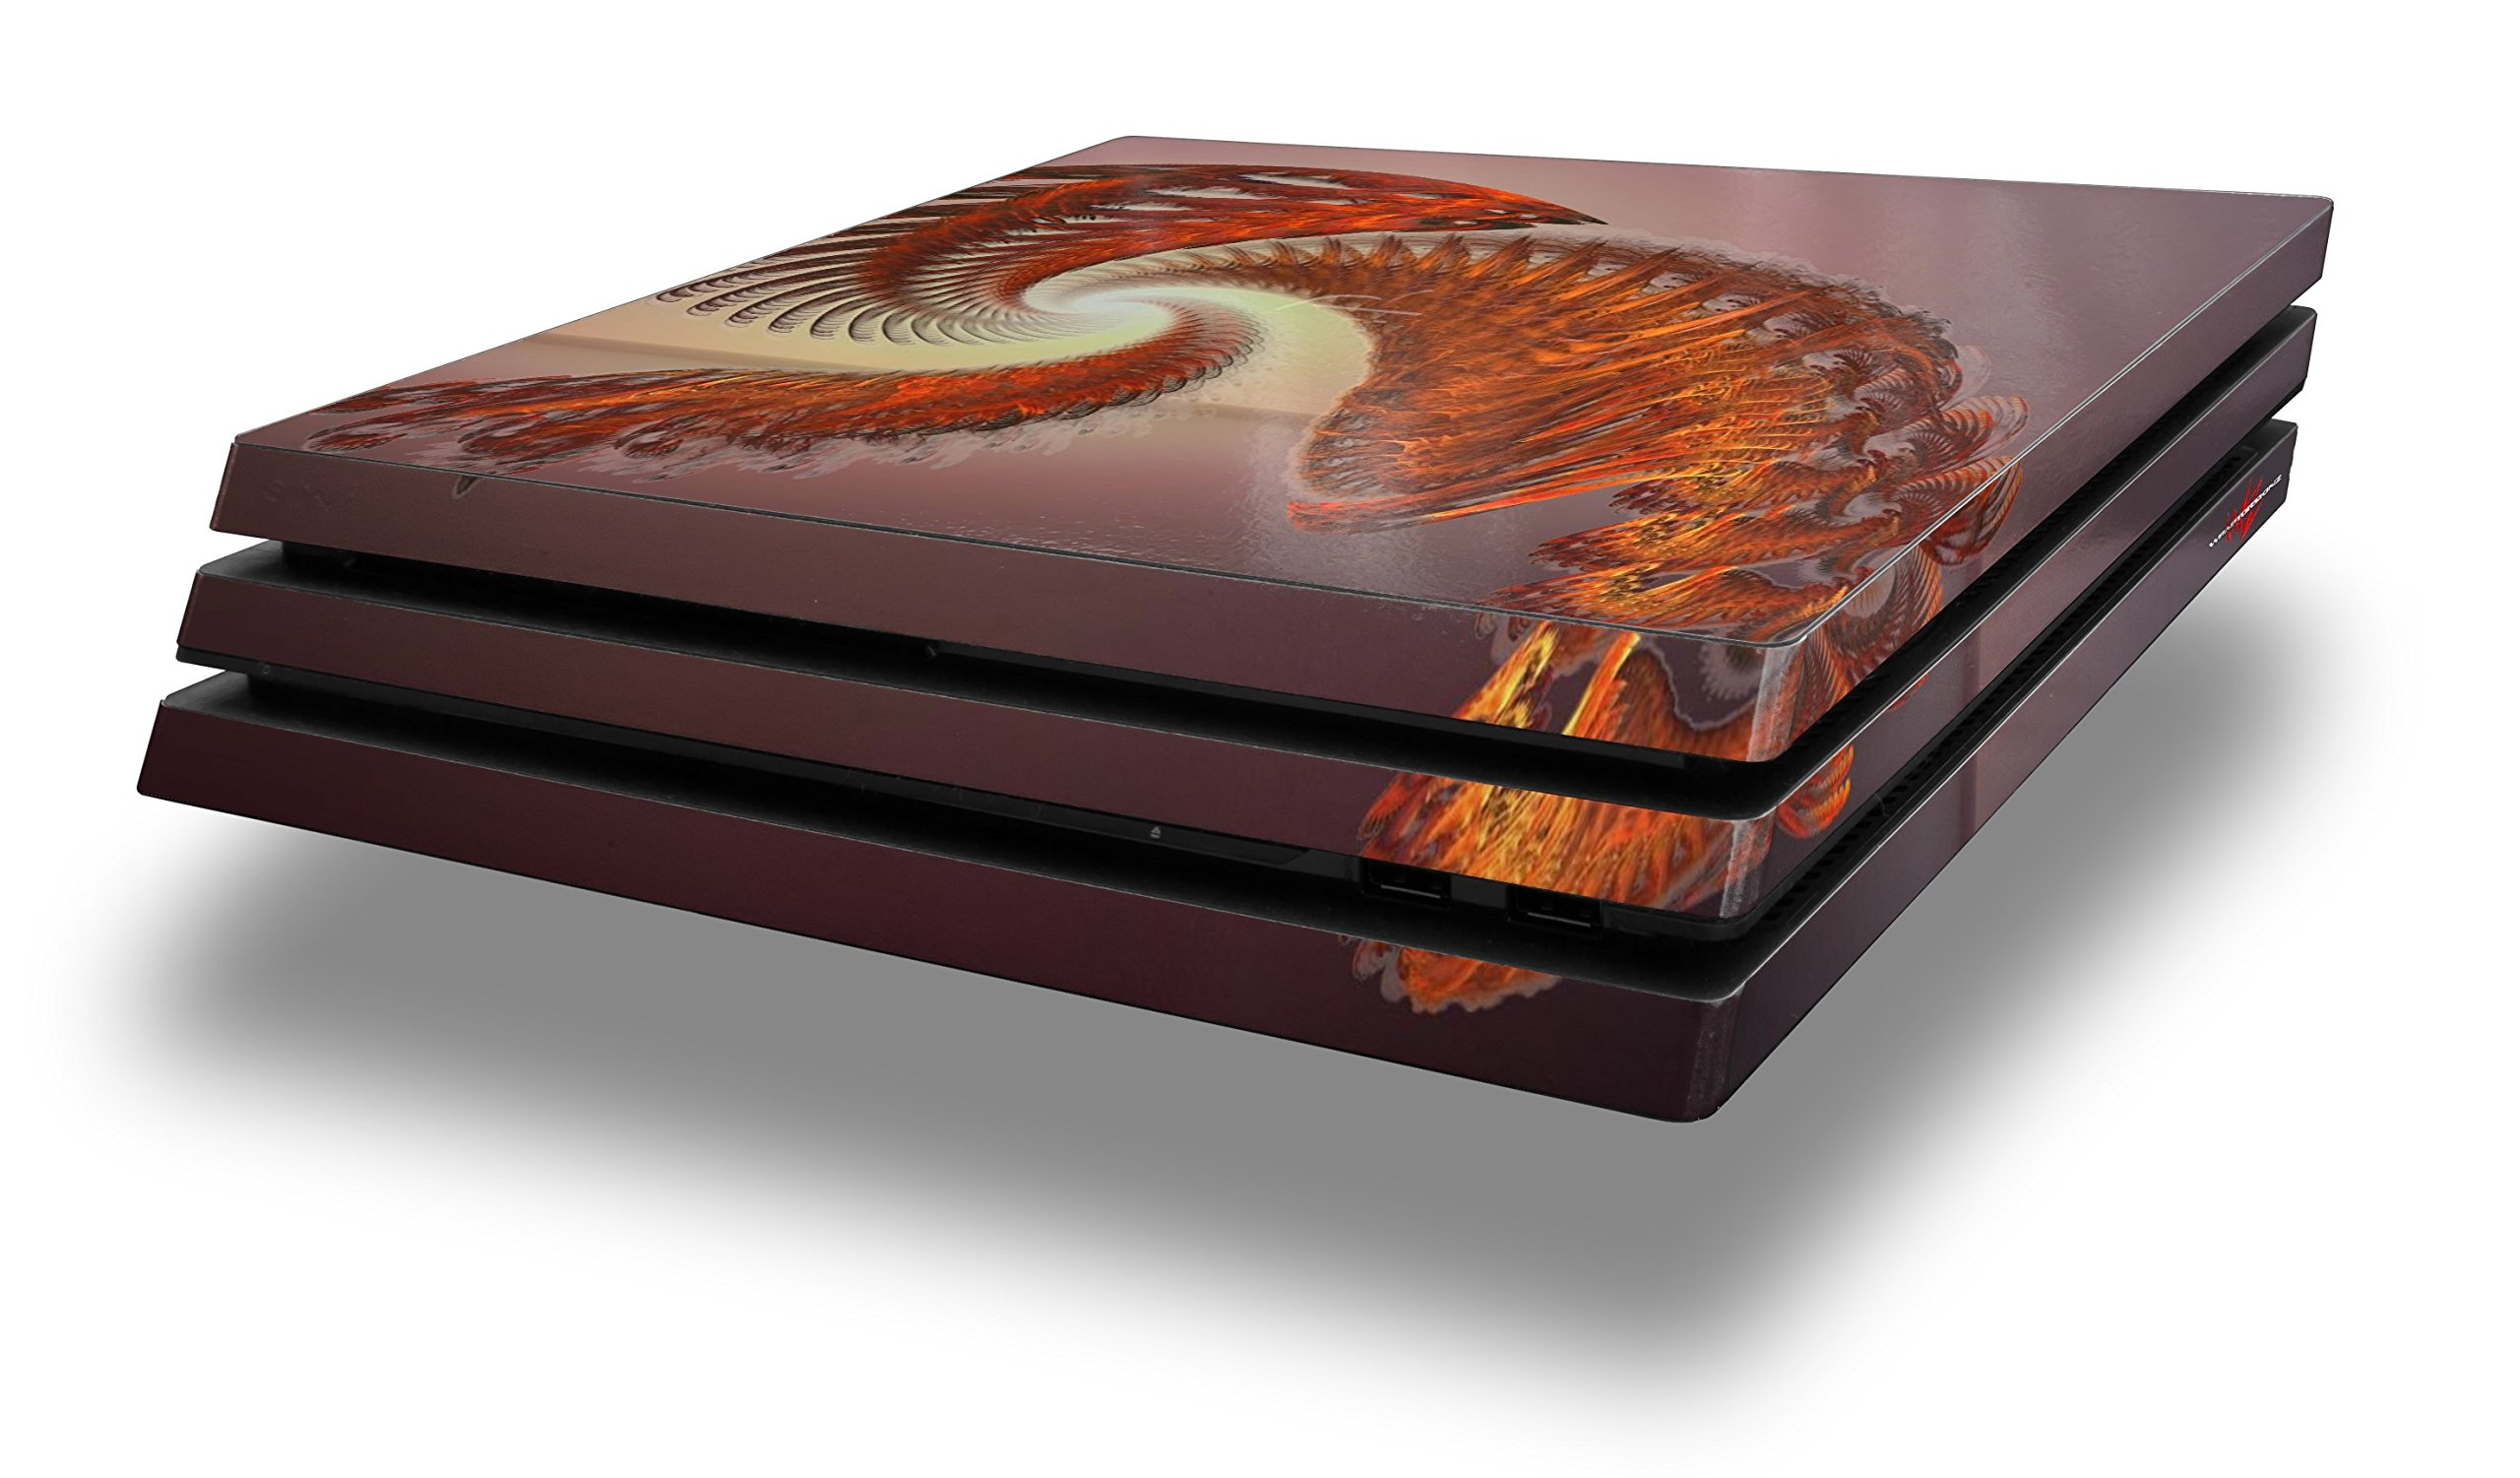 WraptorSkinz PS4 Pro Skin - Solar Power - Decal Style Skin Wrap fits Sony PlayStation 4 Pro Console by WraptorSkinz